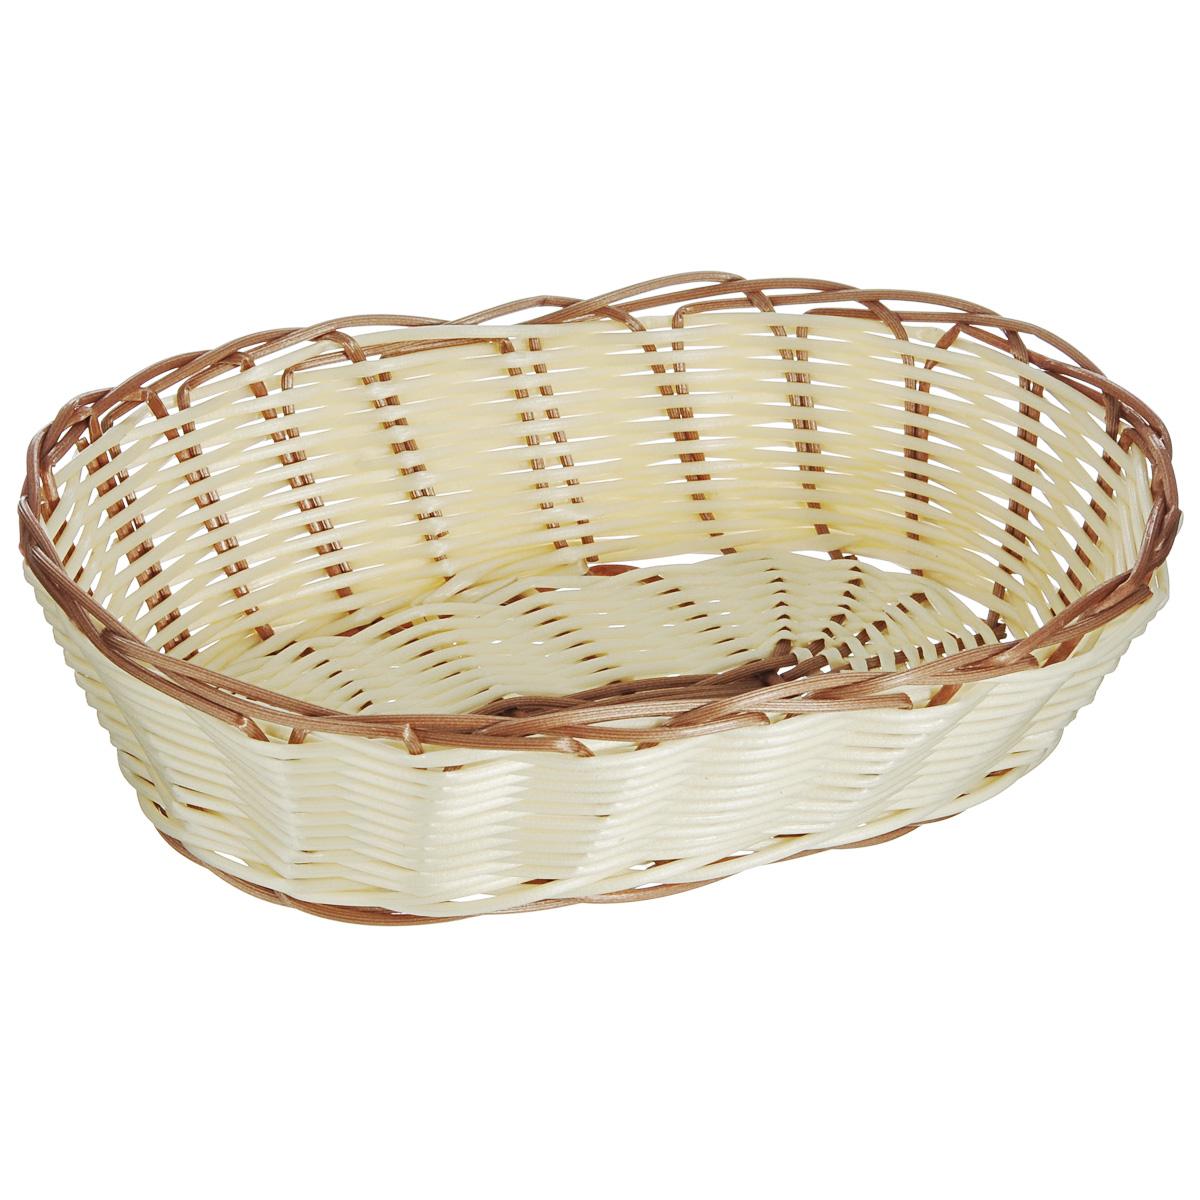 Корзинка для хлеба Kesper, 25 см х 17,5 см х 7 см. 1981-0 поднос kesper 50 х 35 см